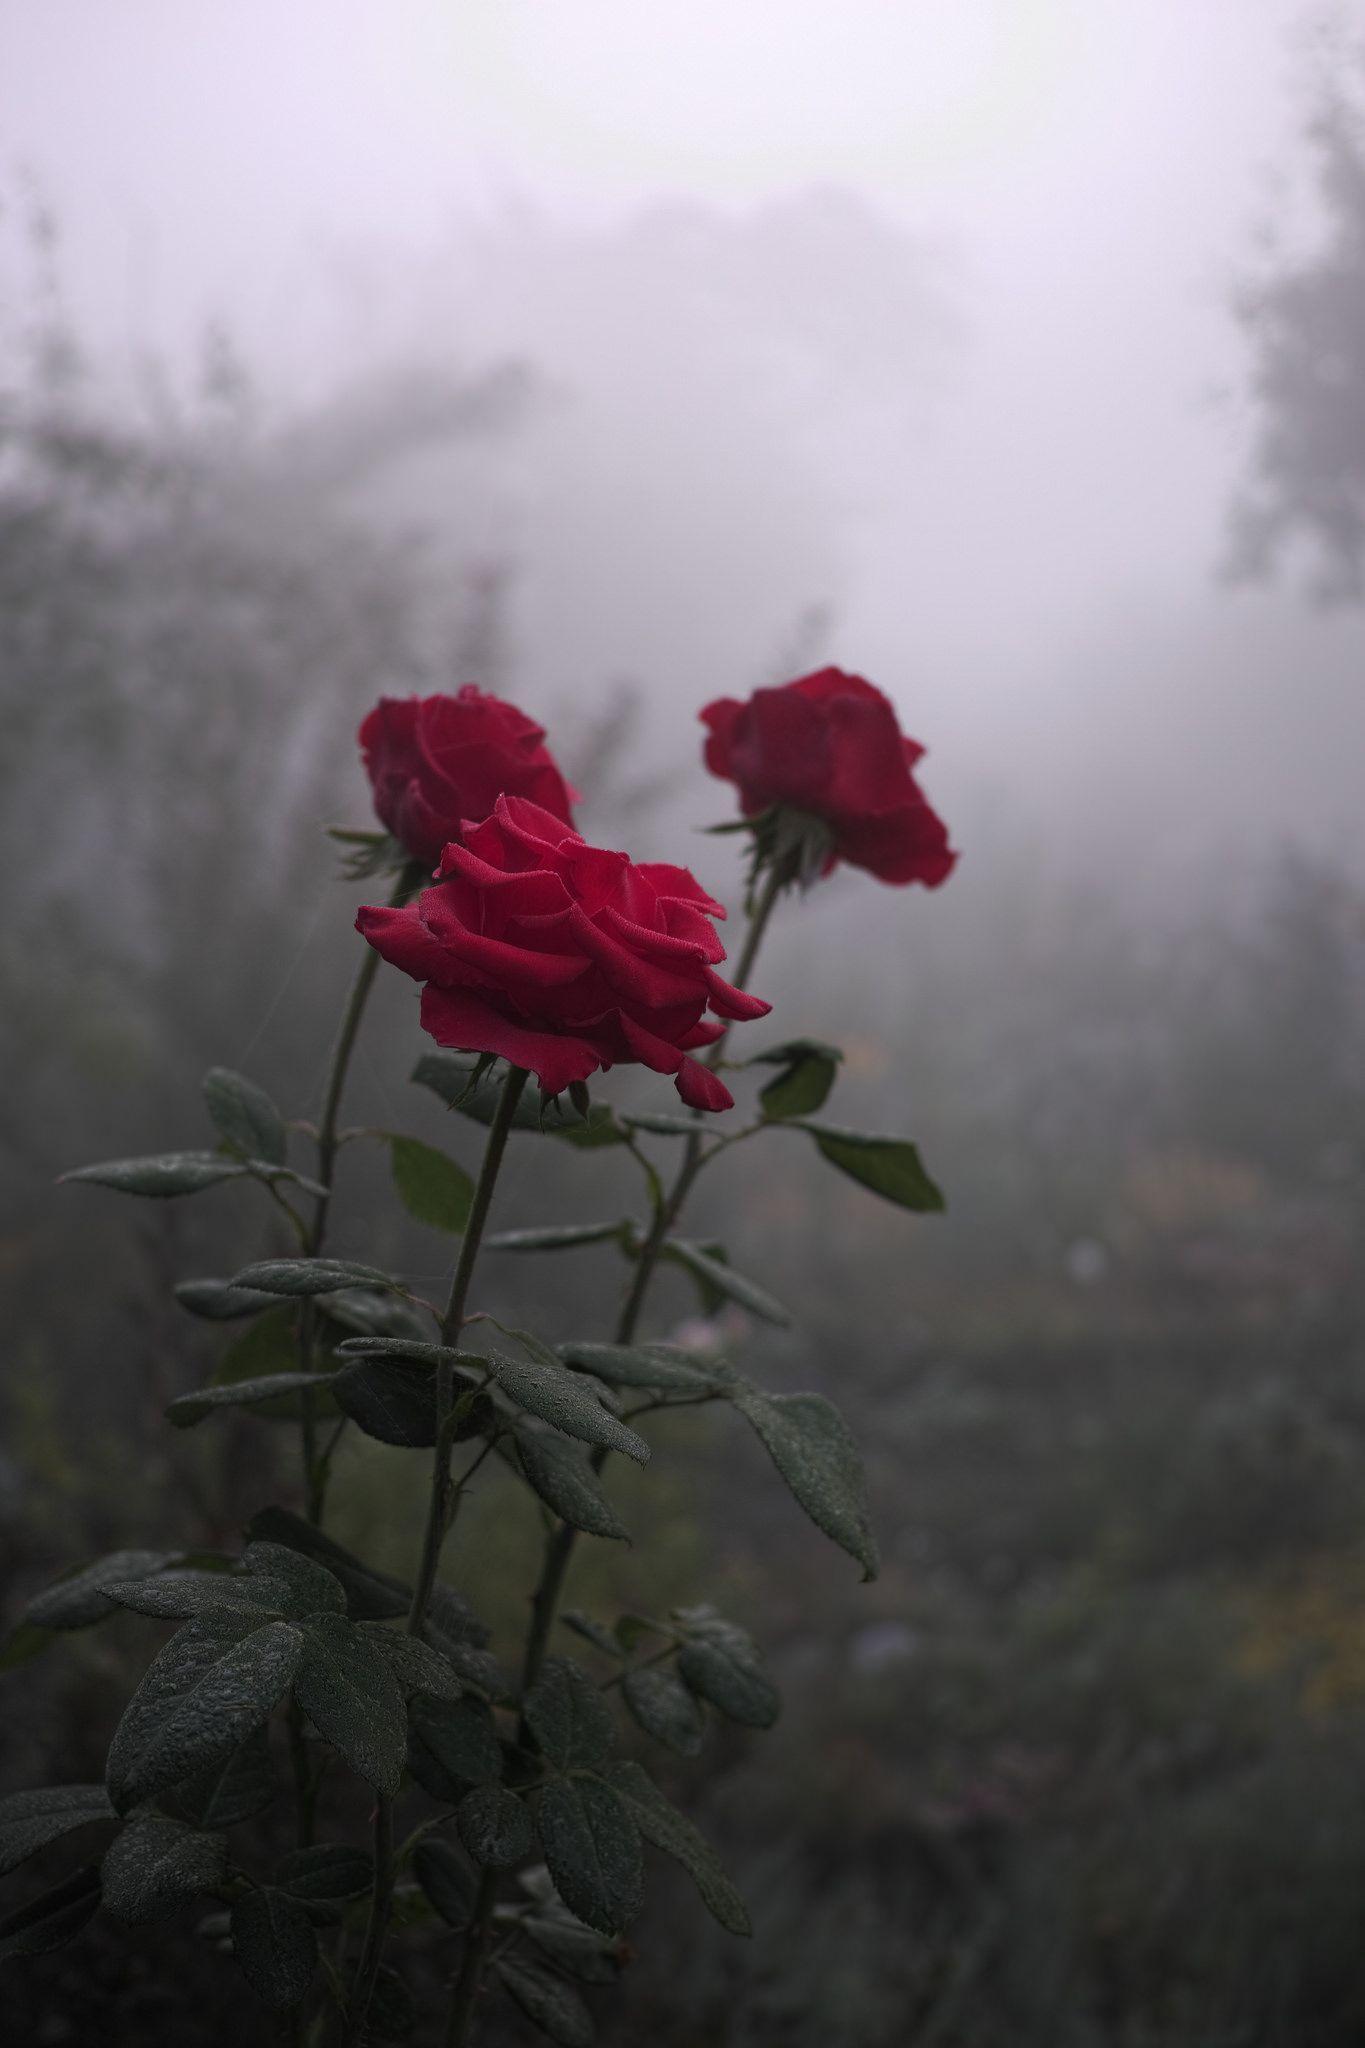 Download 640+ Wallpaper Tumblr Rose Gratis Terbaik